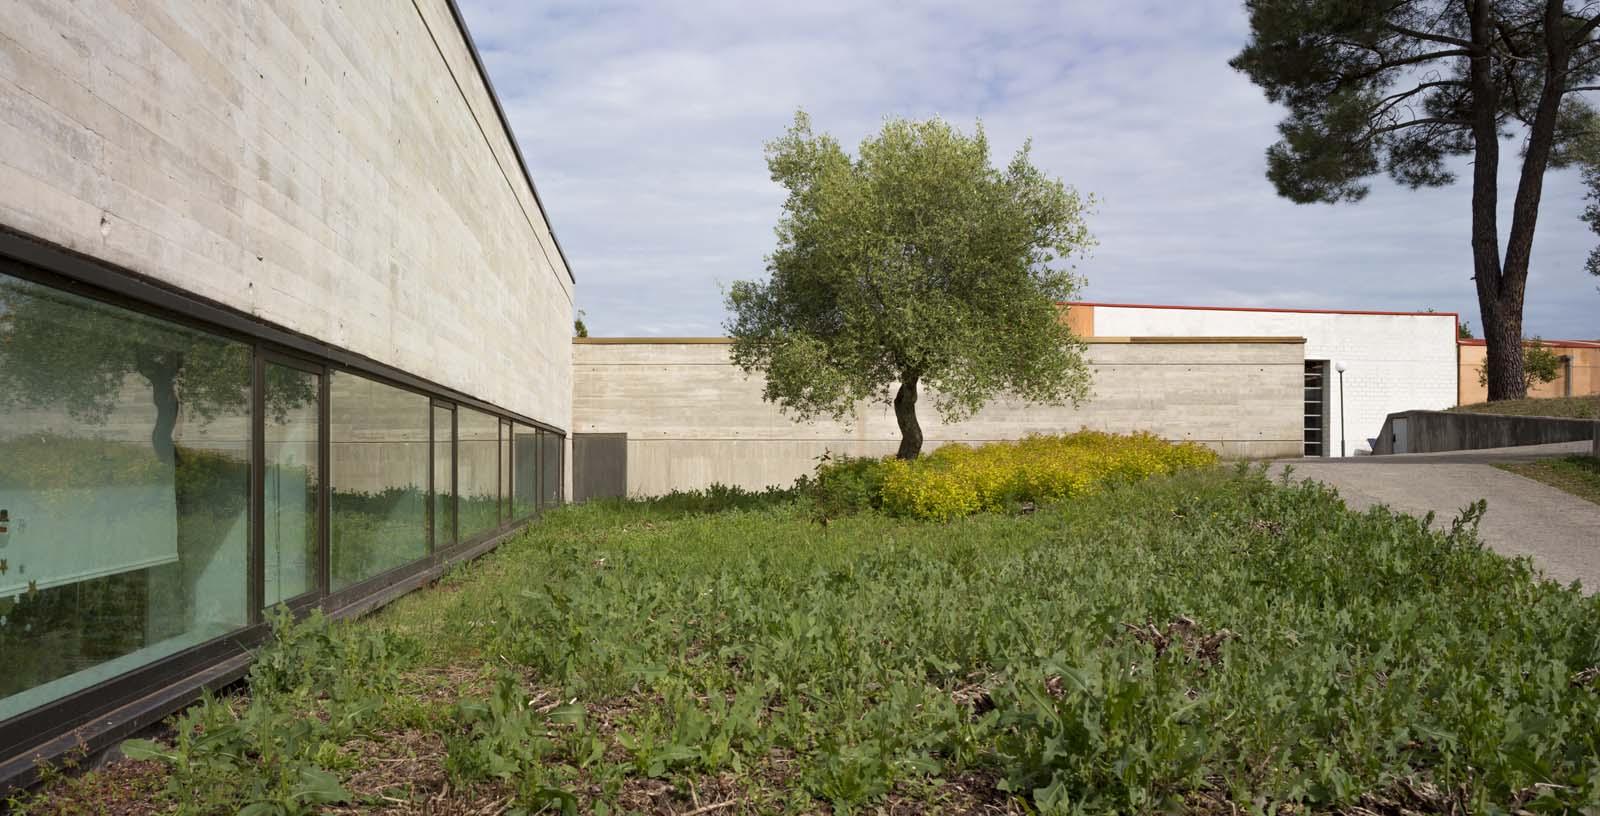 A_Merca_Health_Center_Architecture_Idom_Aitor_Ortiz_13